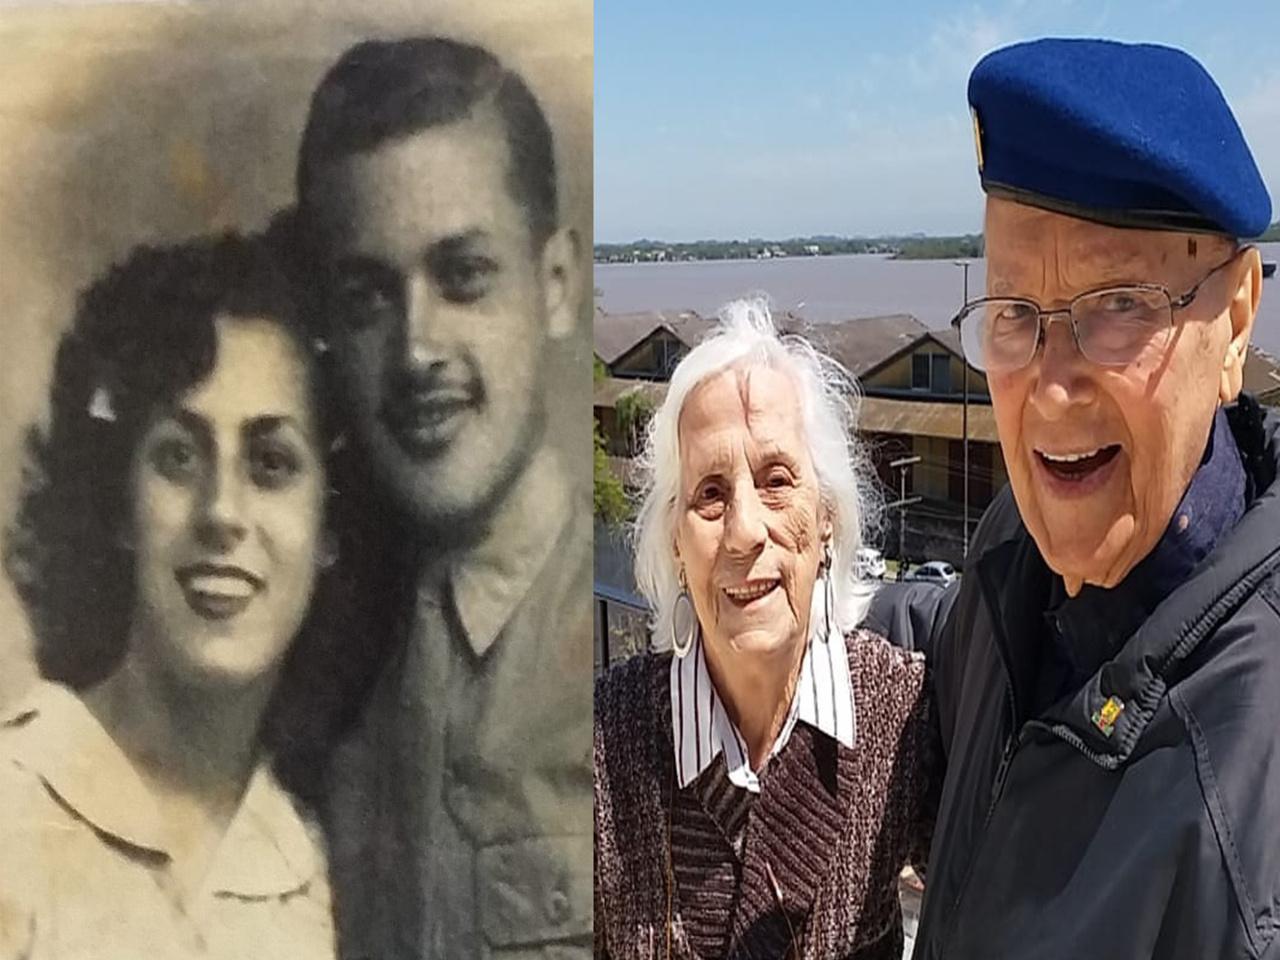 Veterano da FEB comemora 75 anos de uma história de amor iniciada durante maior conflito armado da humanidade